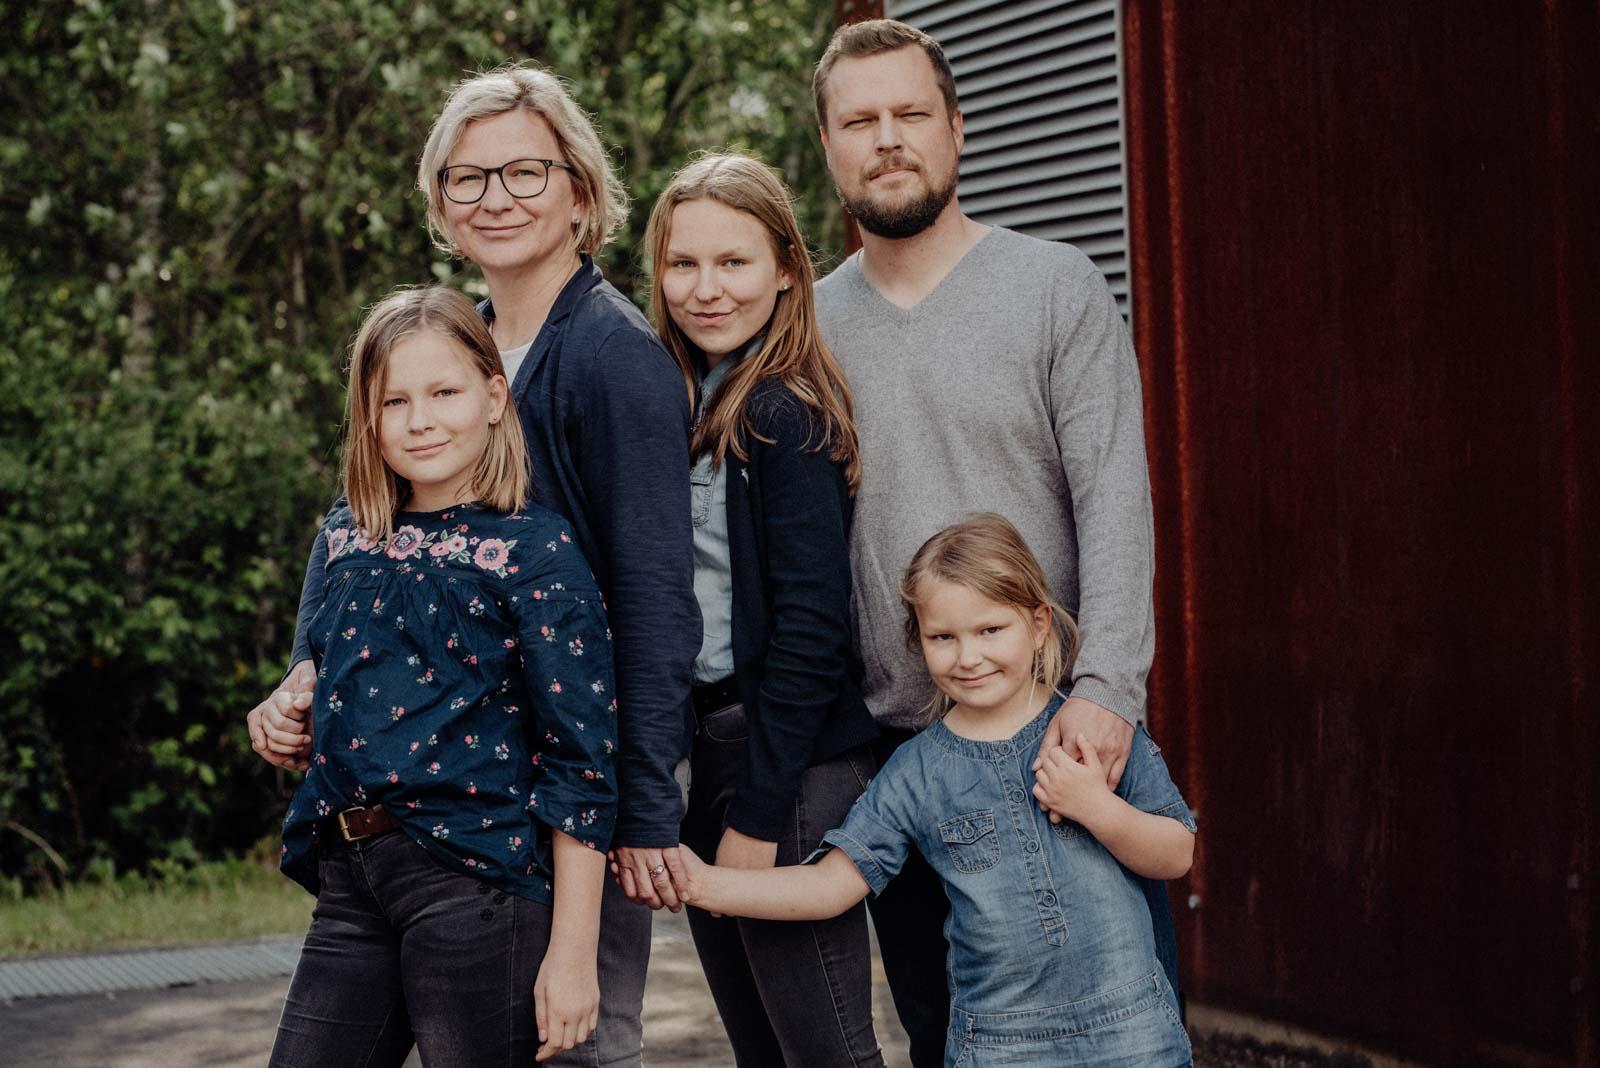 Familienfoto vor industrieller Kulisse in der Jahrhunderthalle Bochum.